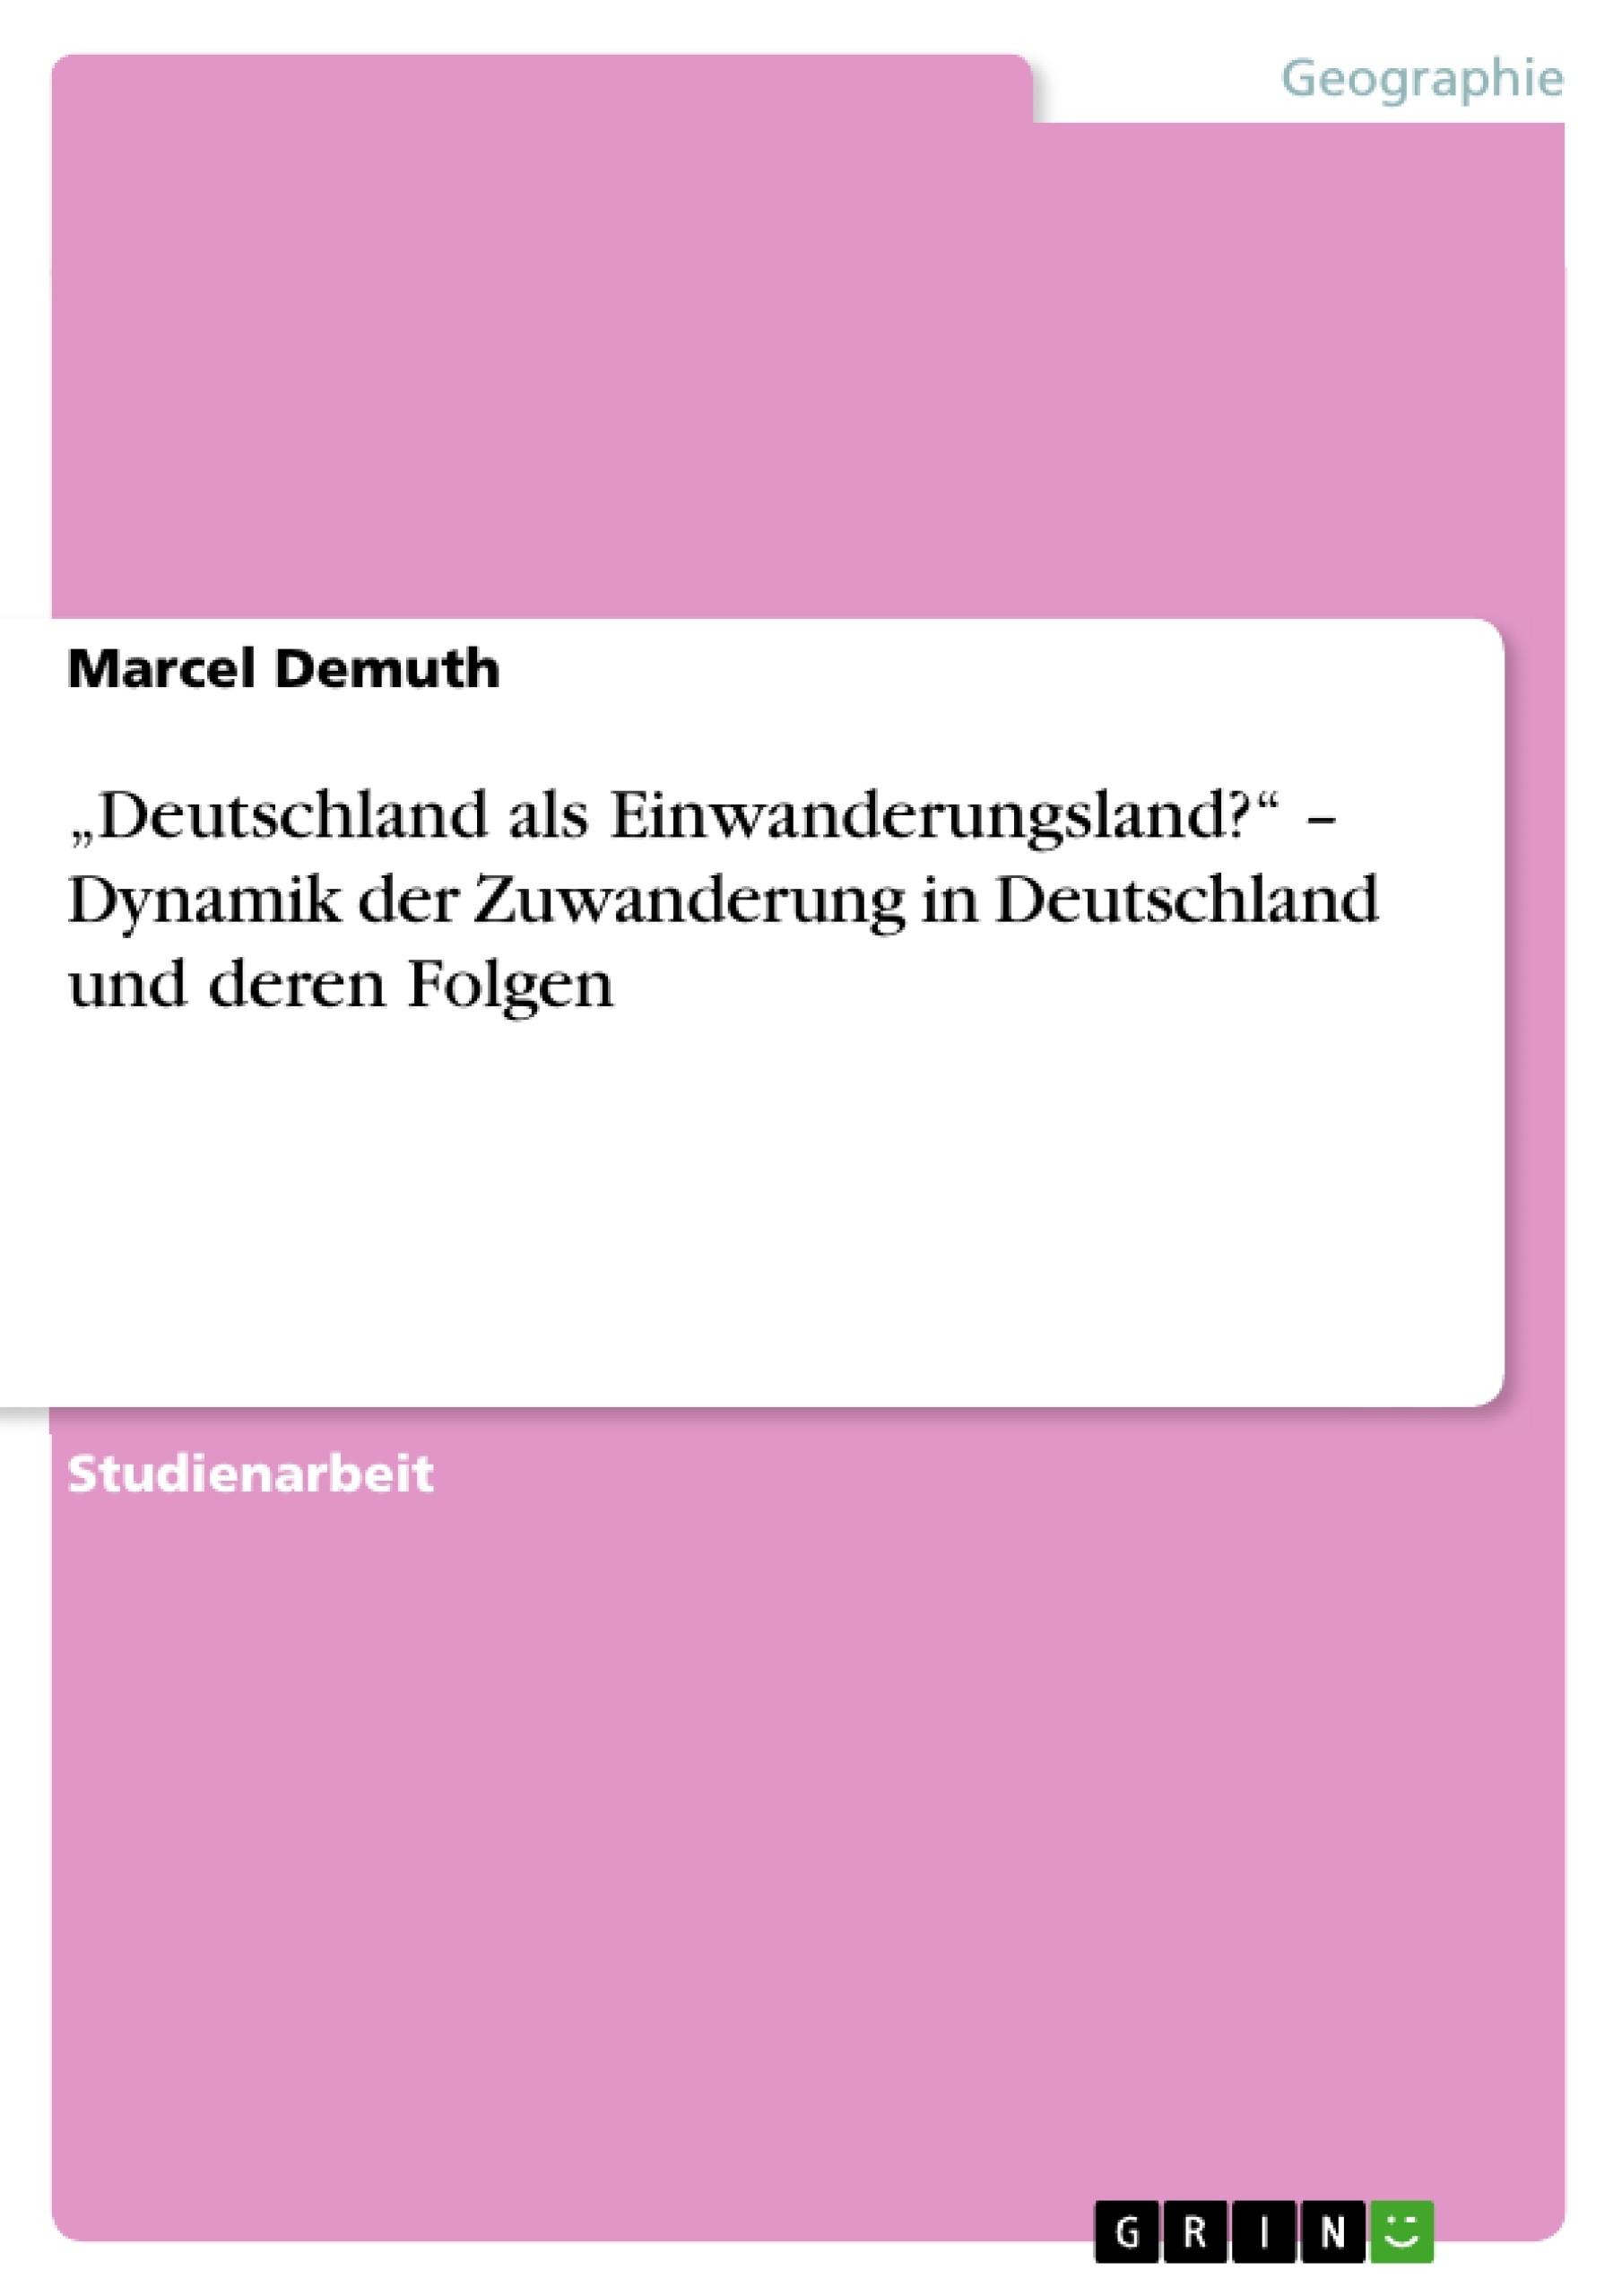 """Titel: """"Deutschland als Einwanderungsland?"""" – Dynamik der Zuwanderung in Deutschland und deren Folgen"""